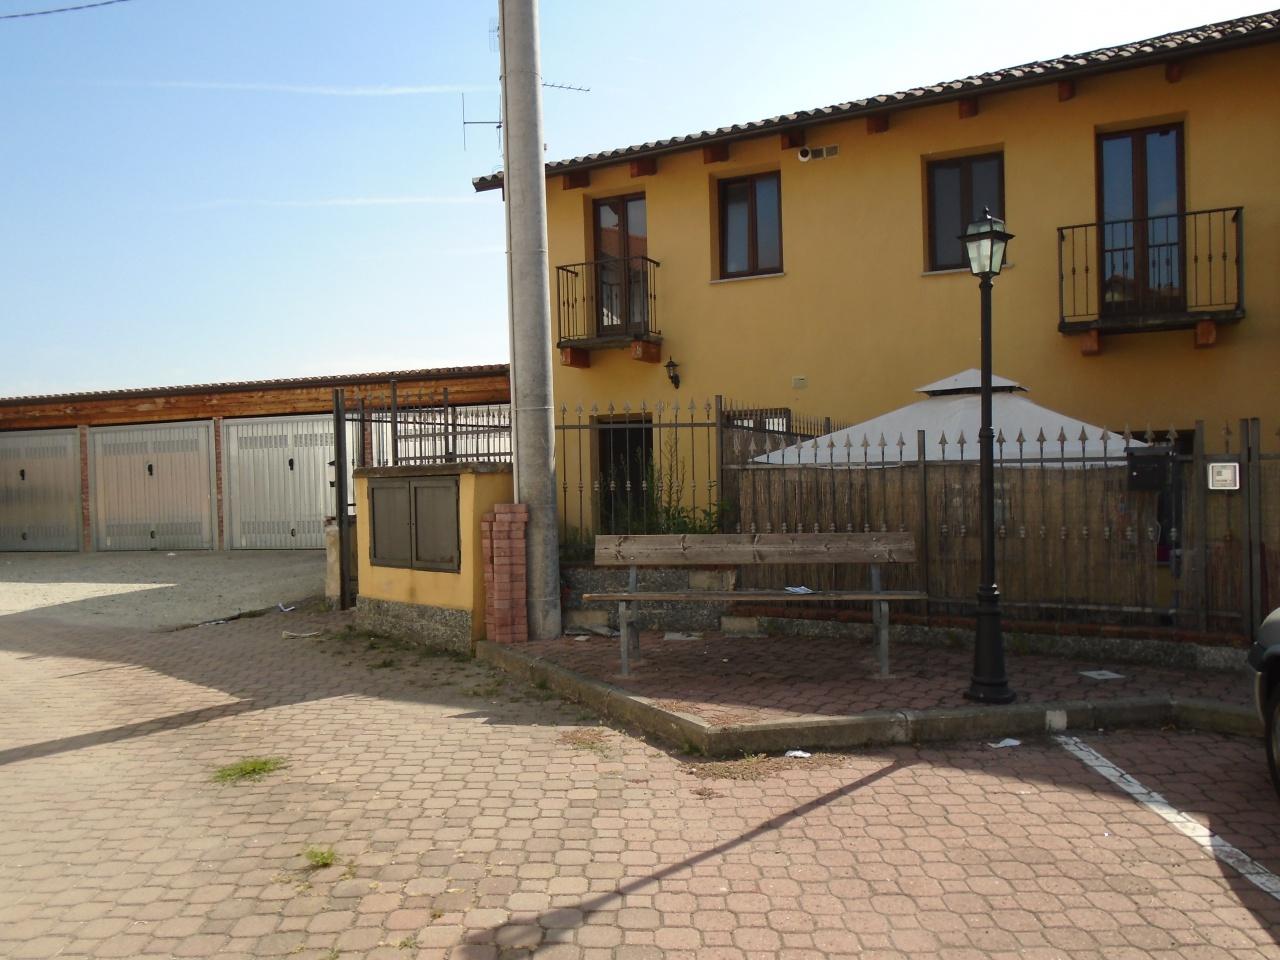 Soluzione Indipendente in vendita a Rondissone, 2 locali, prezzo € 109.000 | CambioCasa.it